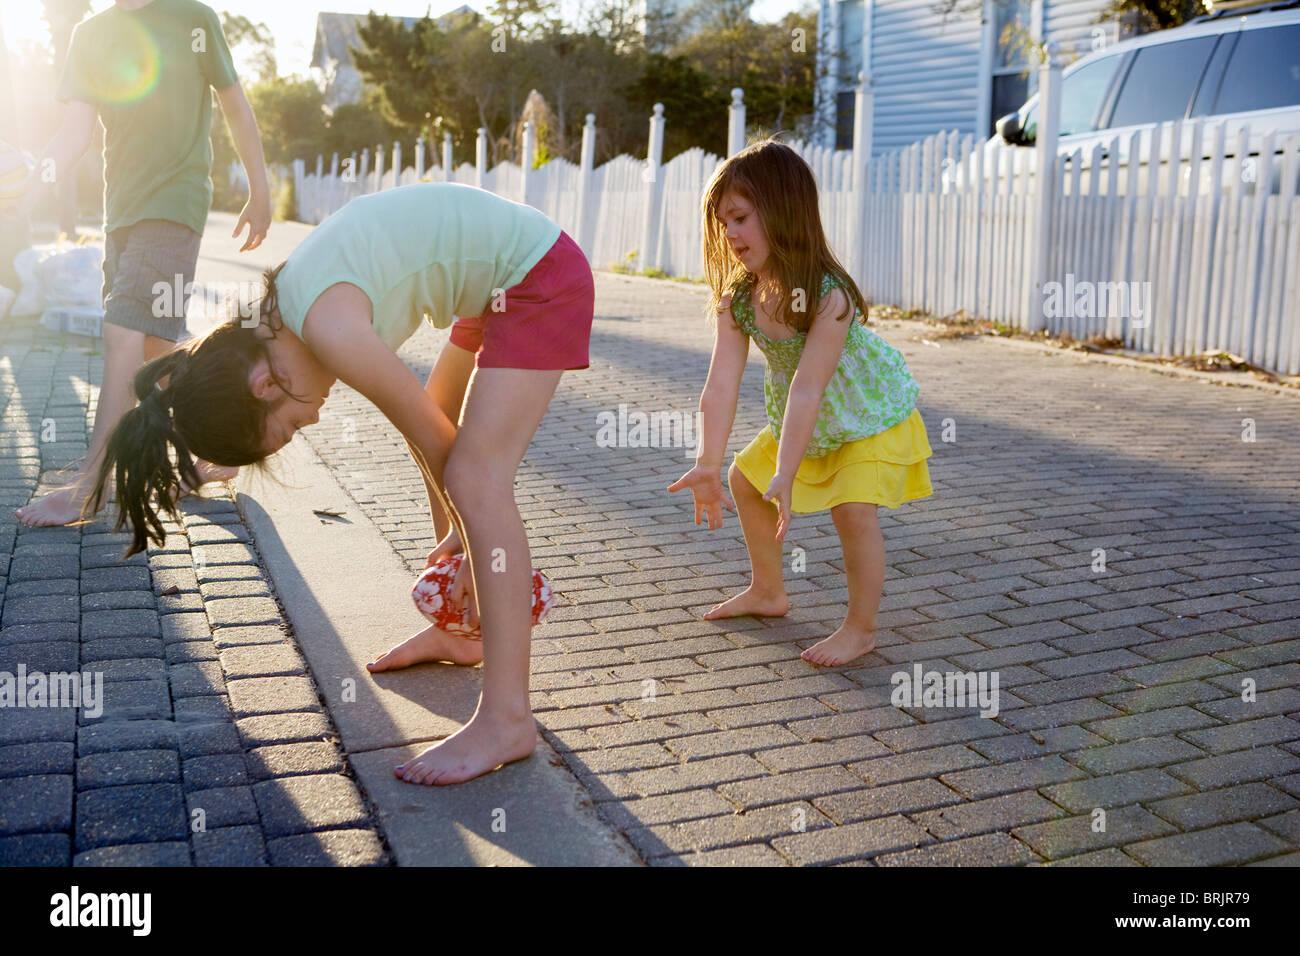 Dos niñas juegan al fútbol en un callejón con el sol en el fondo. Foto de stock